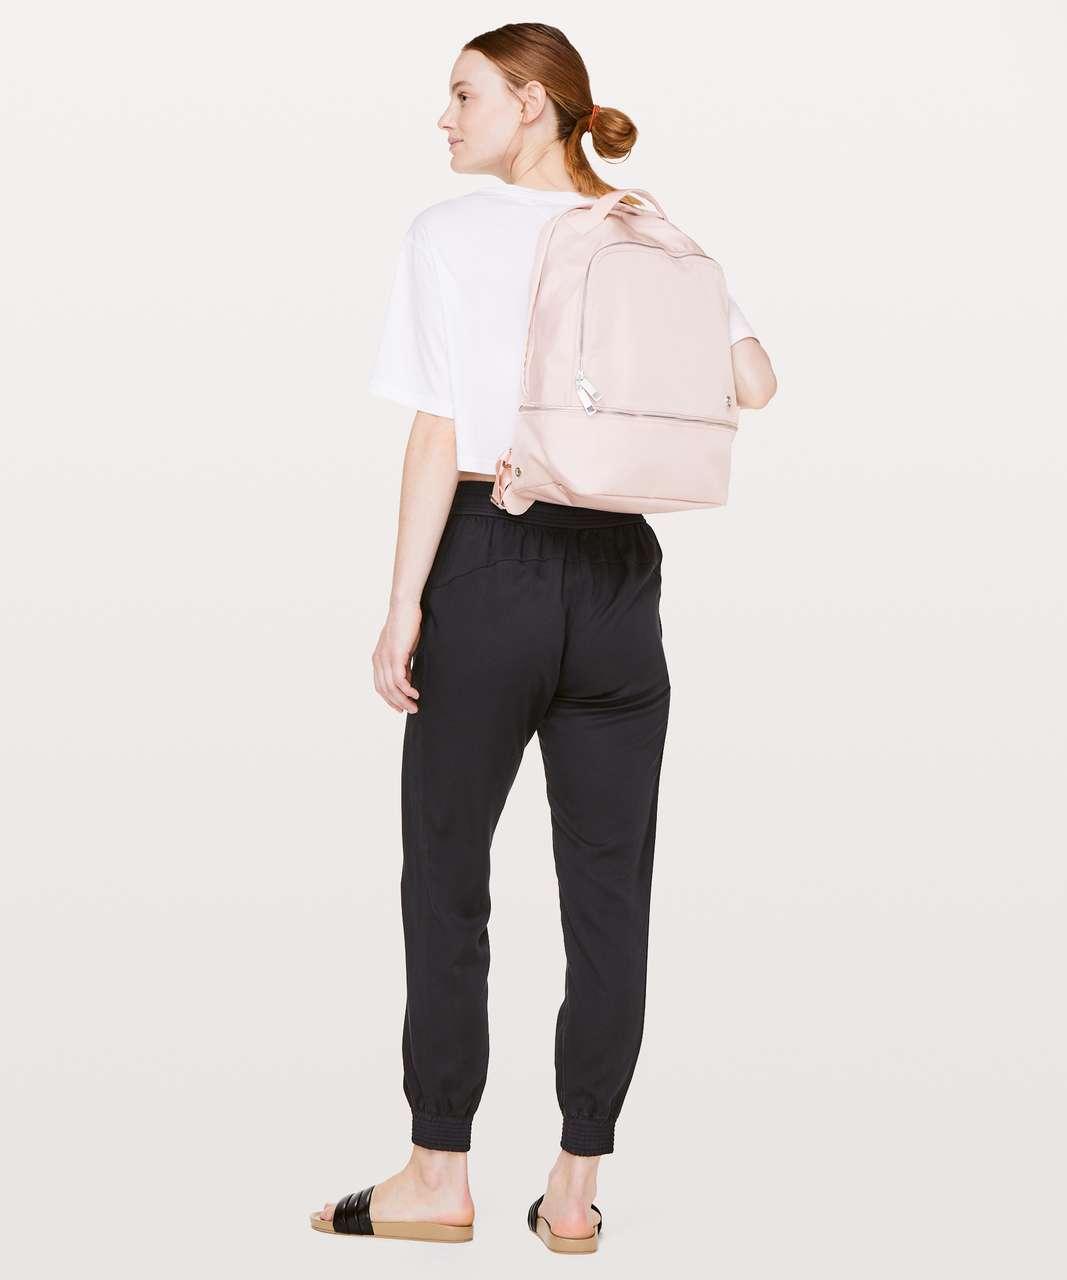 Lululemon City Adventurer Backpack *17L - Misty Pink